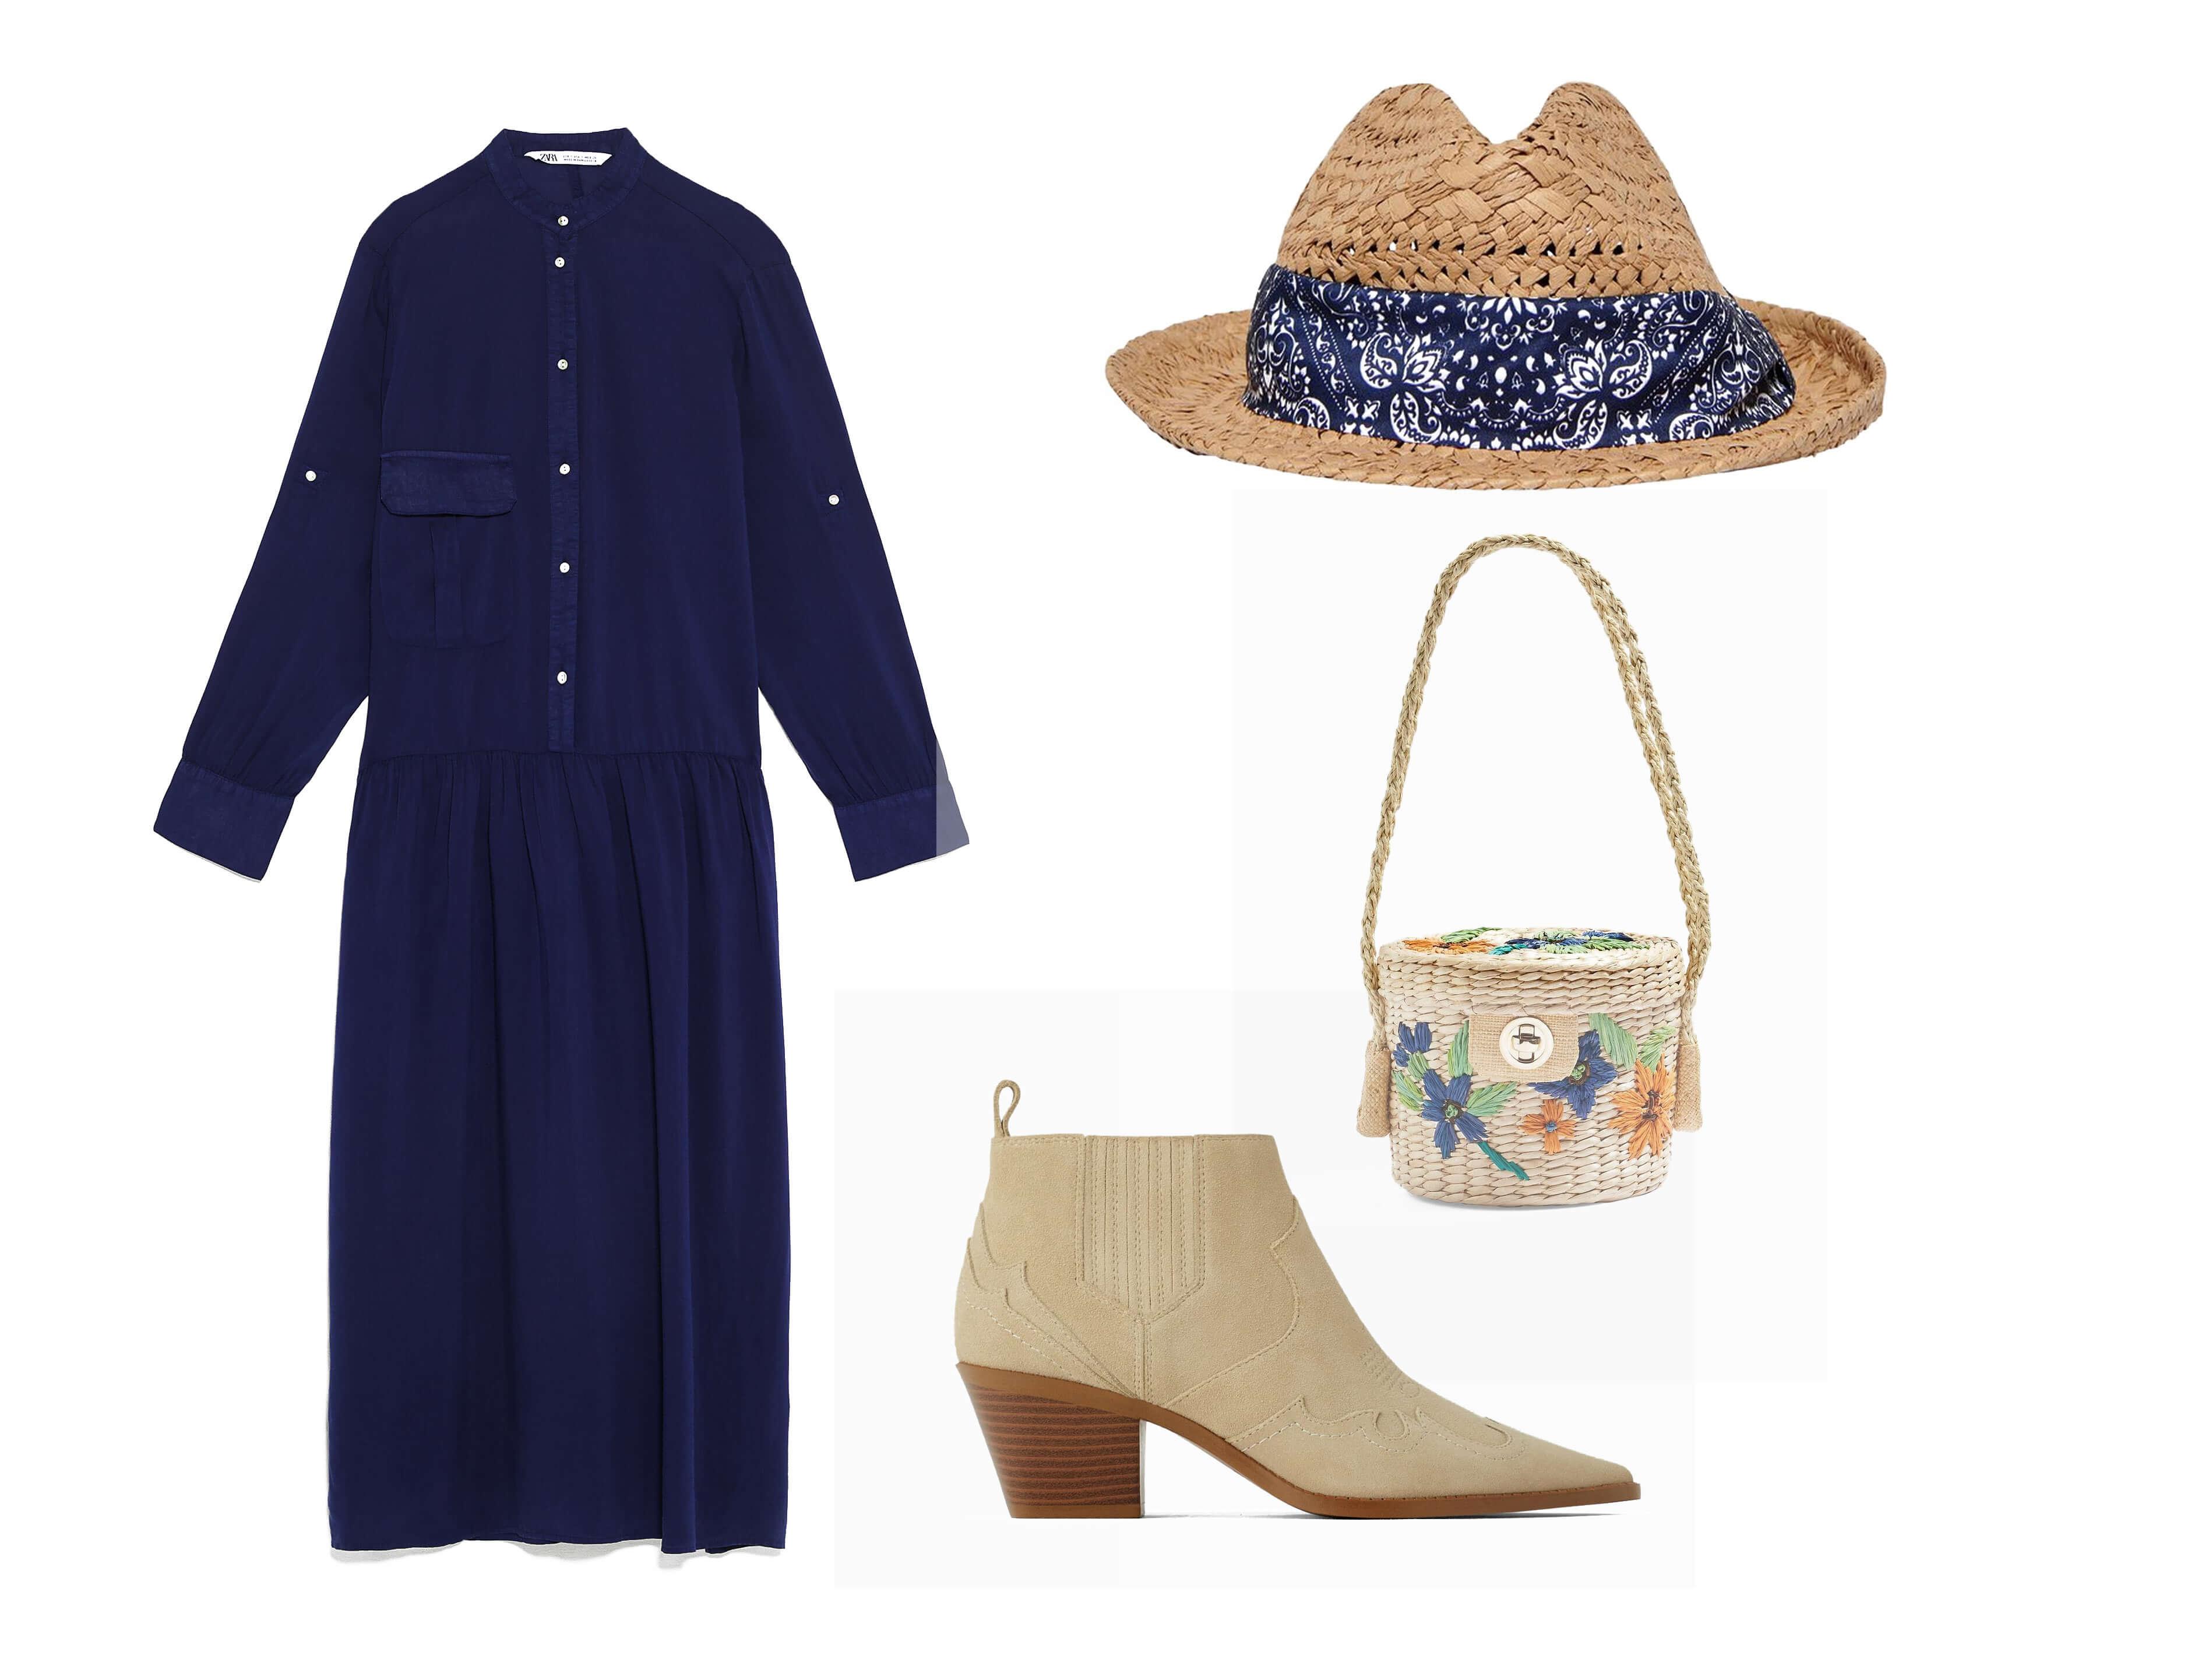 3er look para mujer de 30 años de vestido y botines.